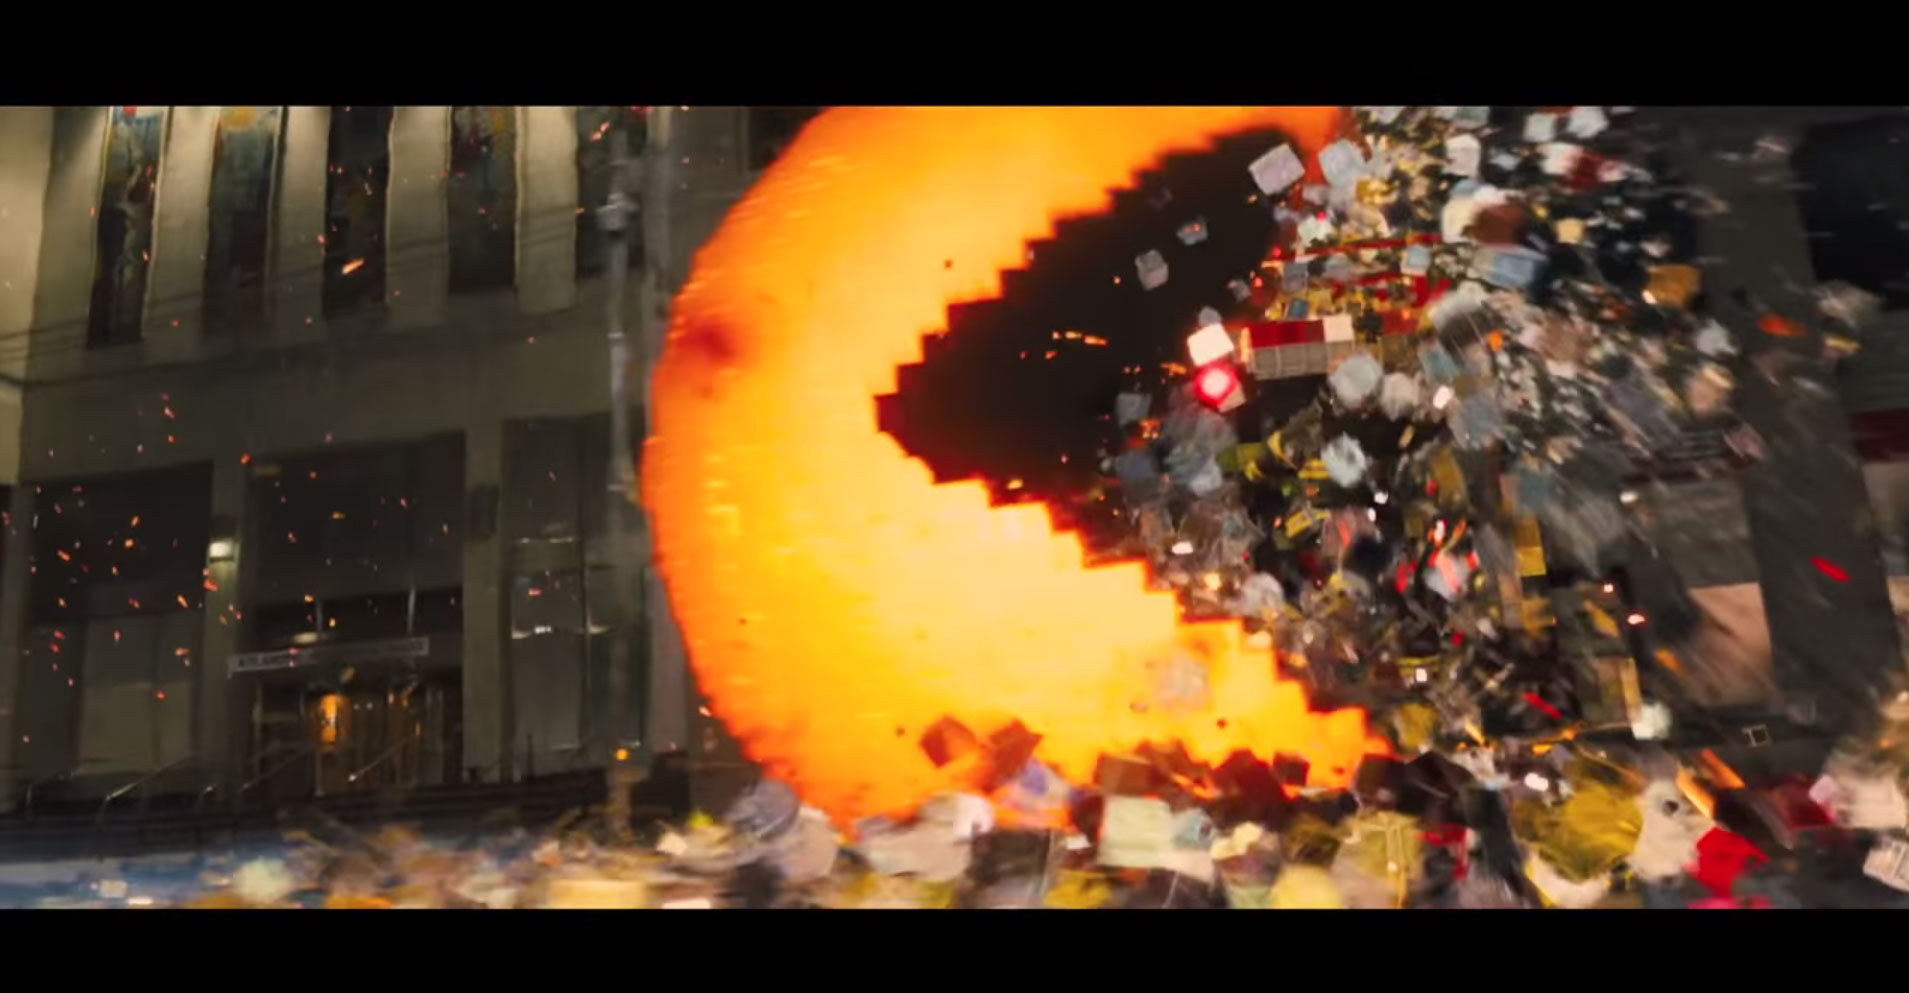 pacman-pixels電影預告騙